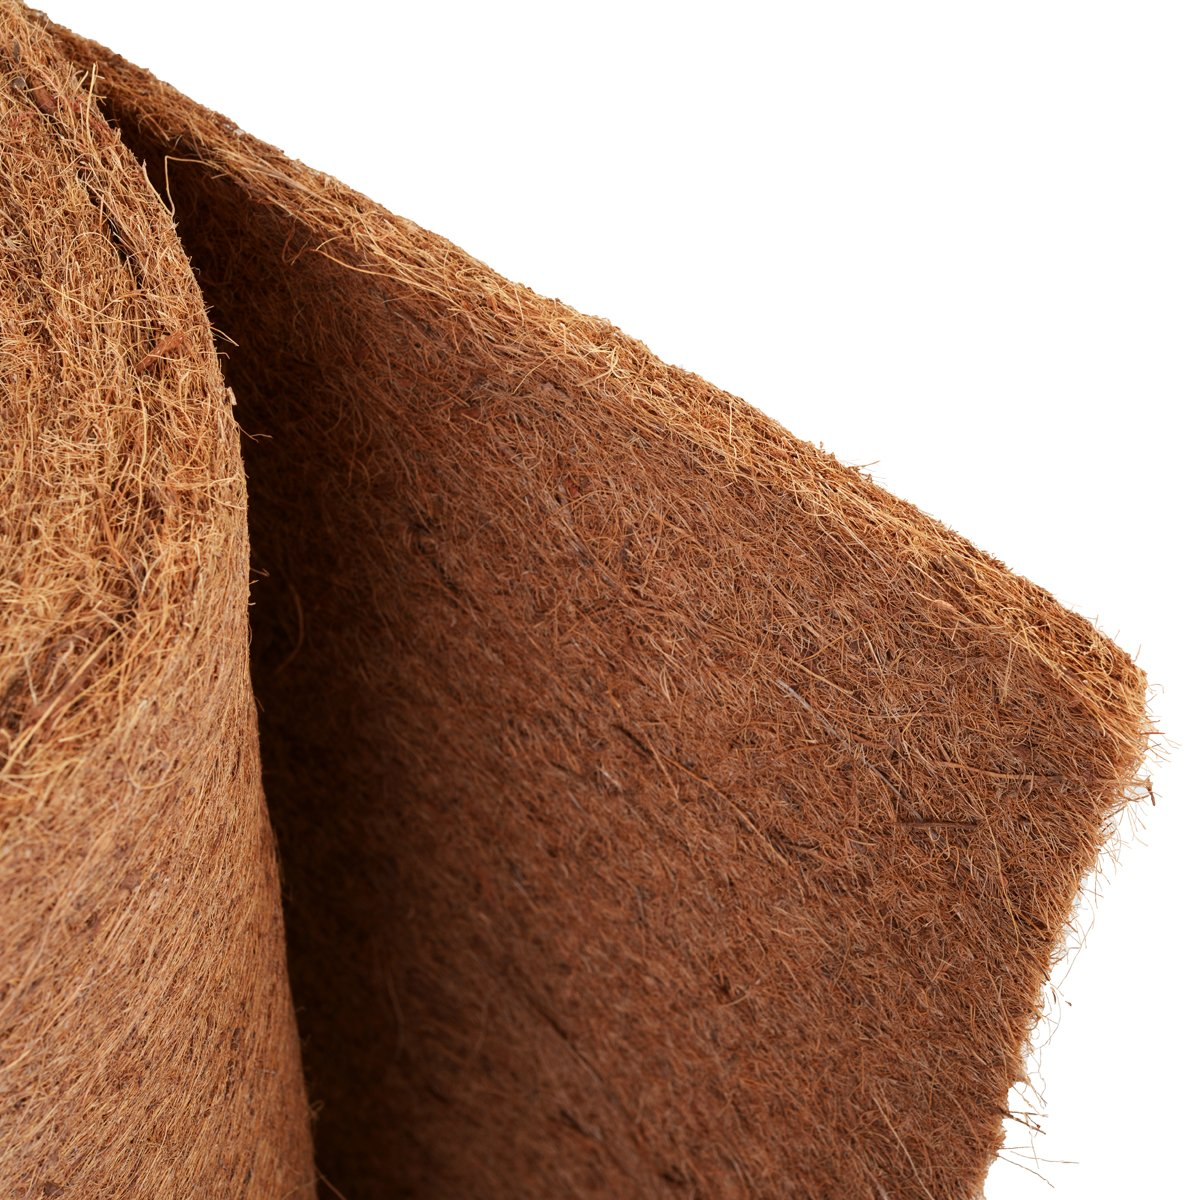 HaGa/® Kokosmatte einseitig mit Naturlatex bespr/üht 1m Br. Meterware